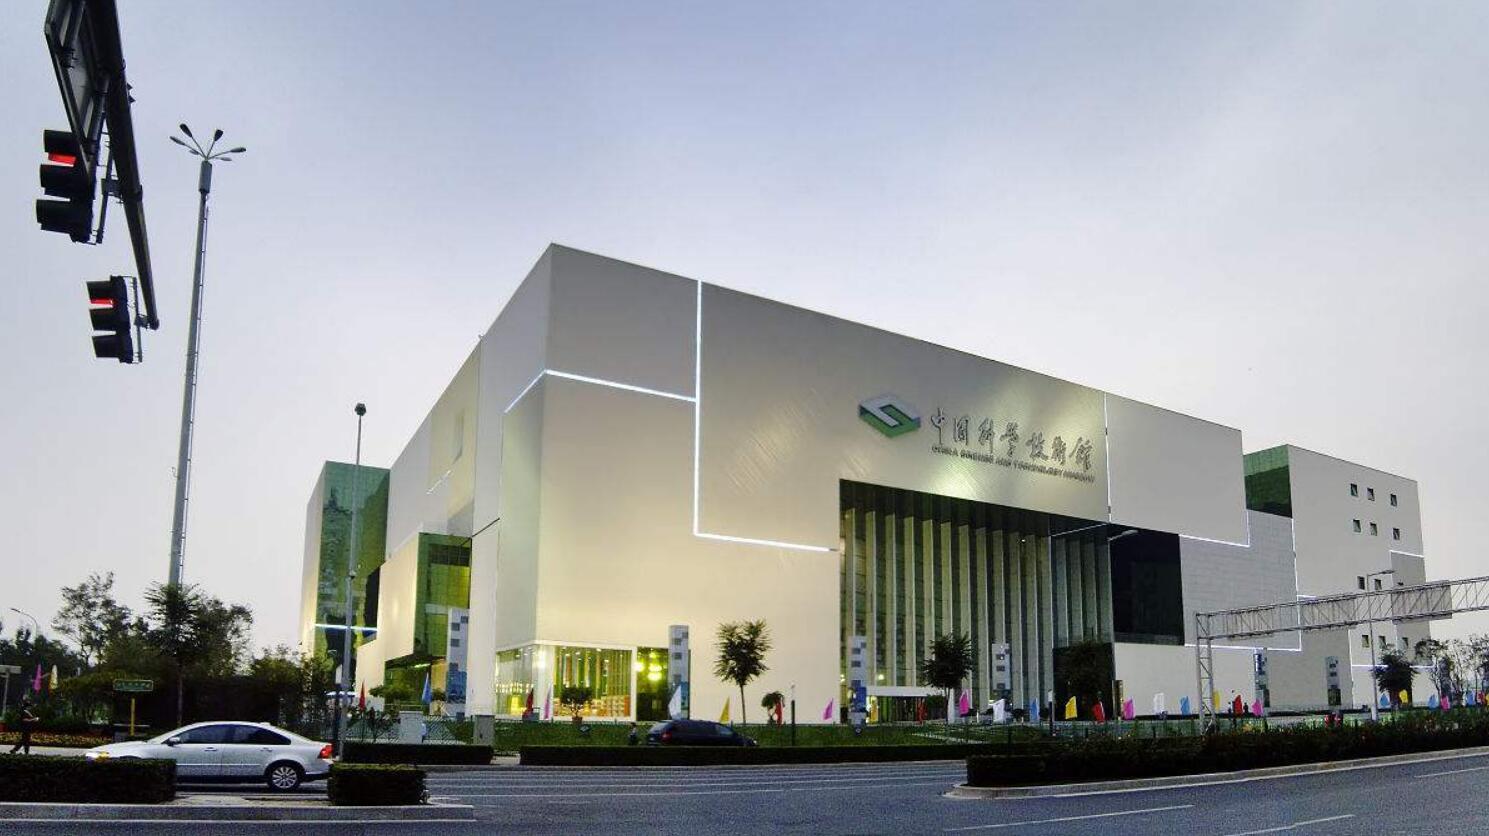 中国科学技术馆玻璃幕墙、球形幕墙设计效果图